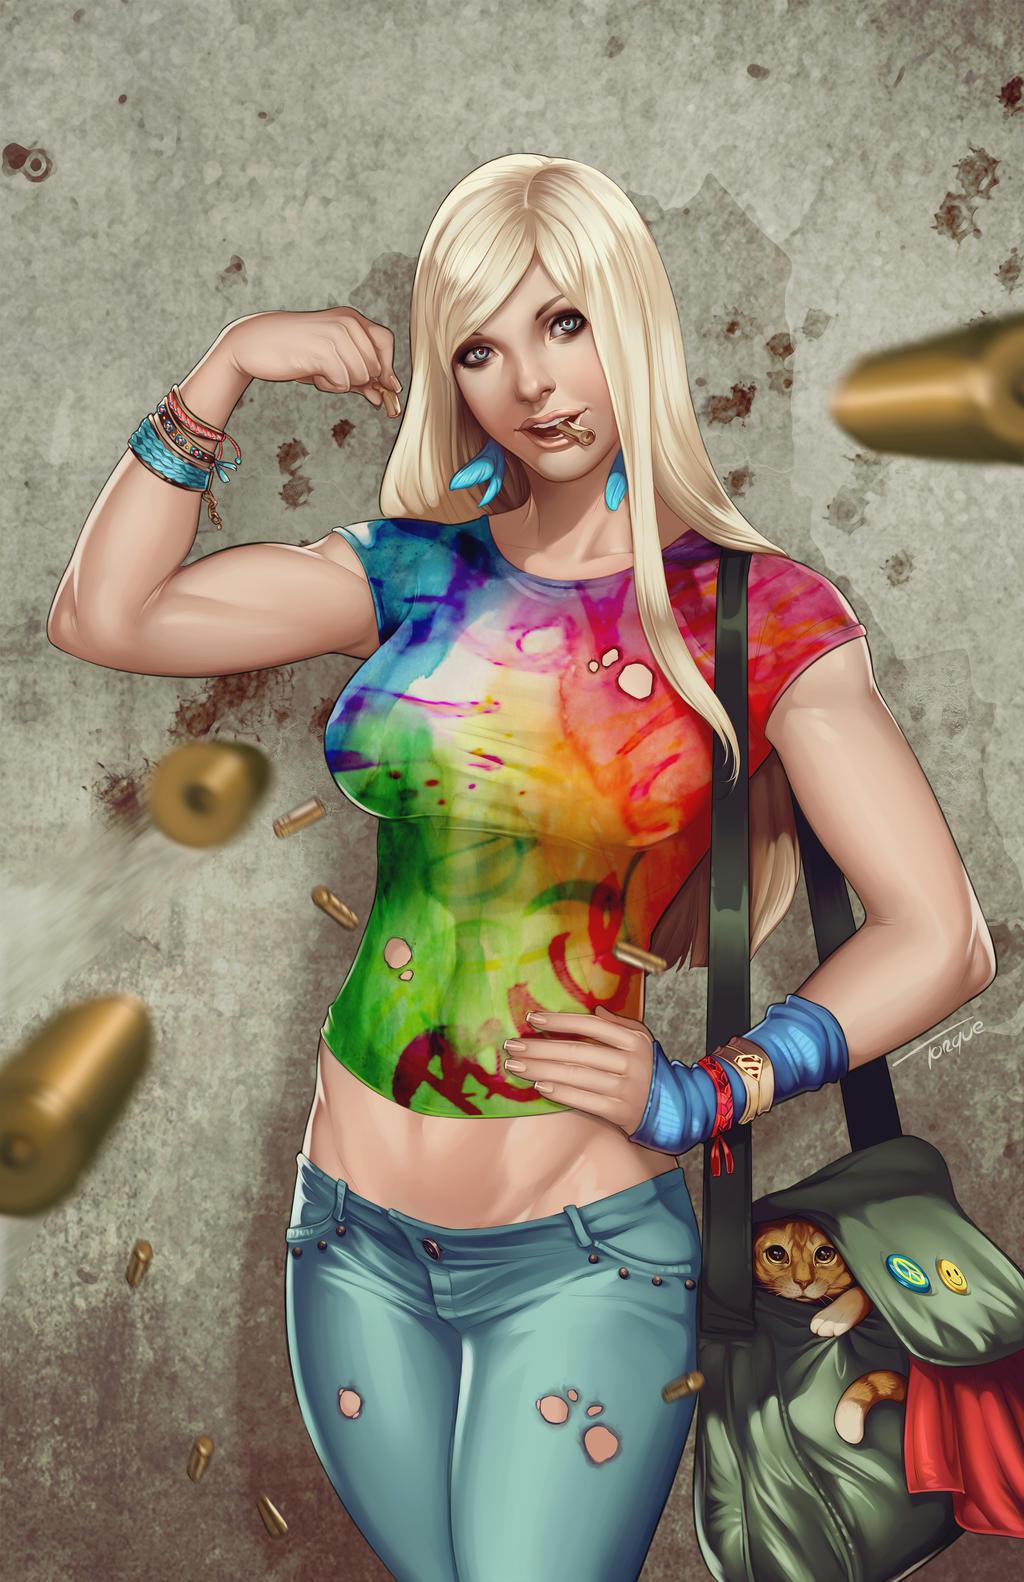 Supergirl by torqueartstudio